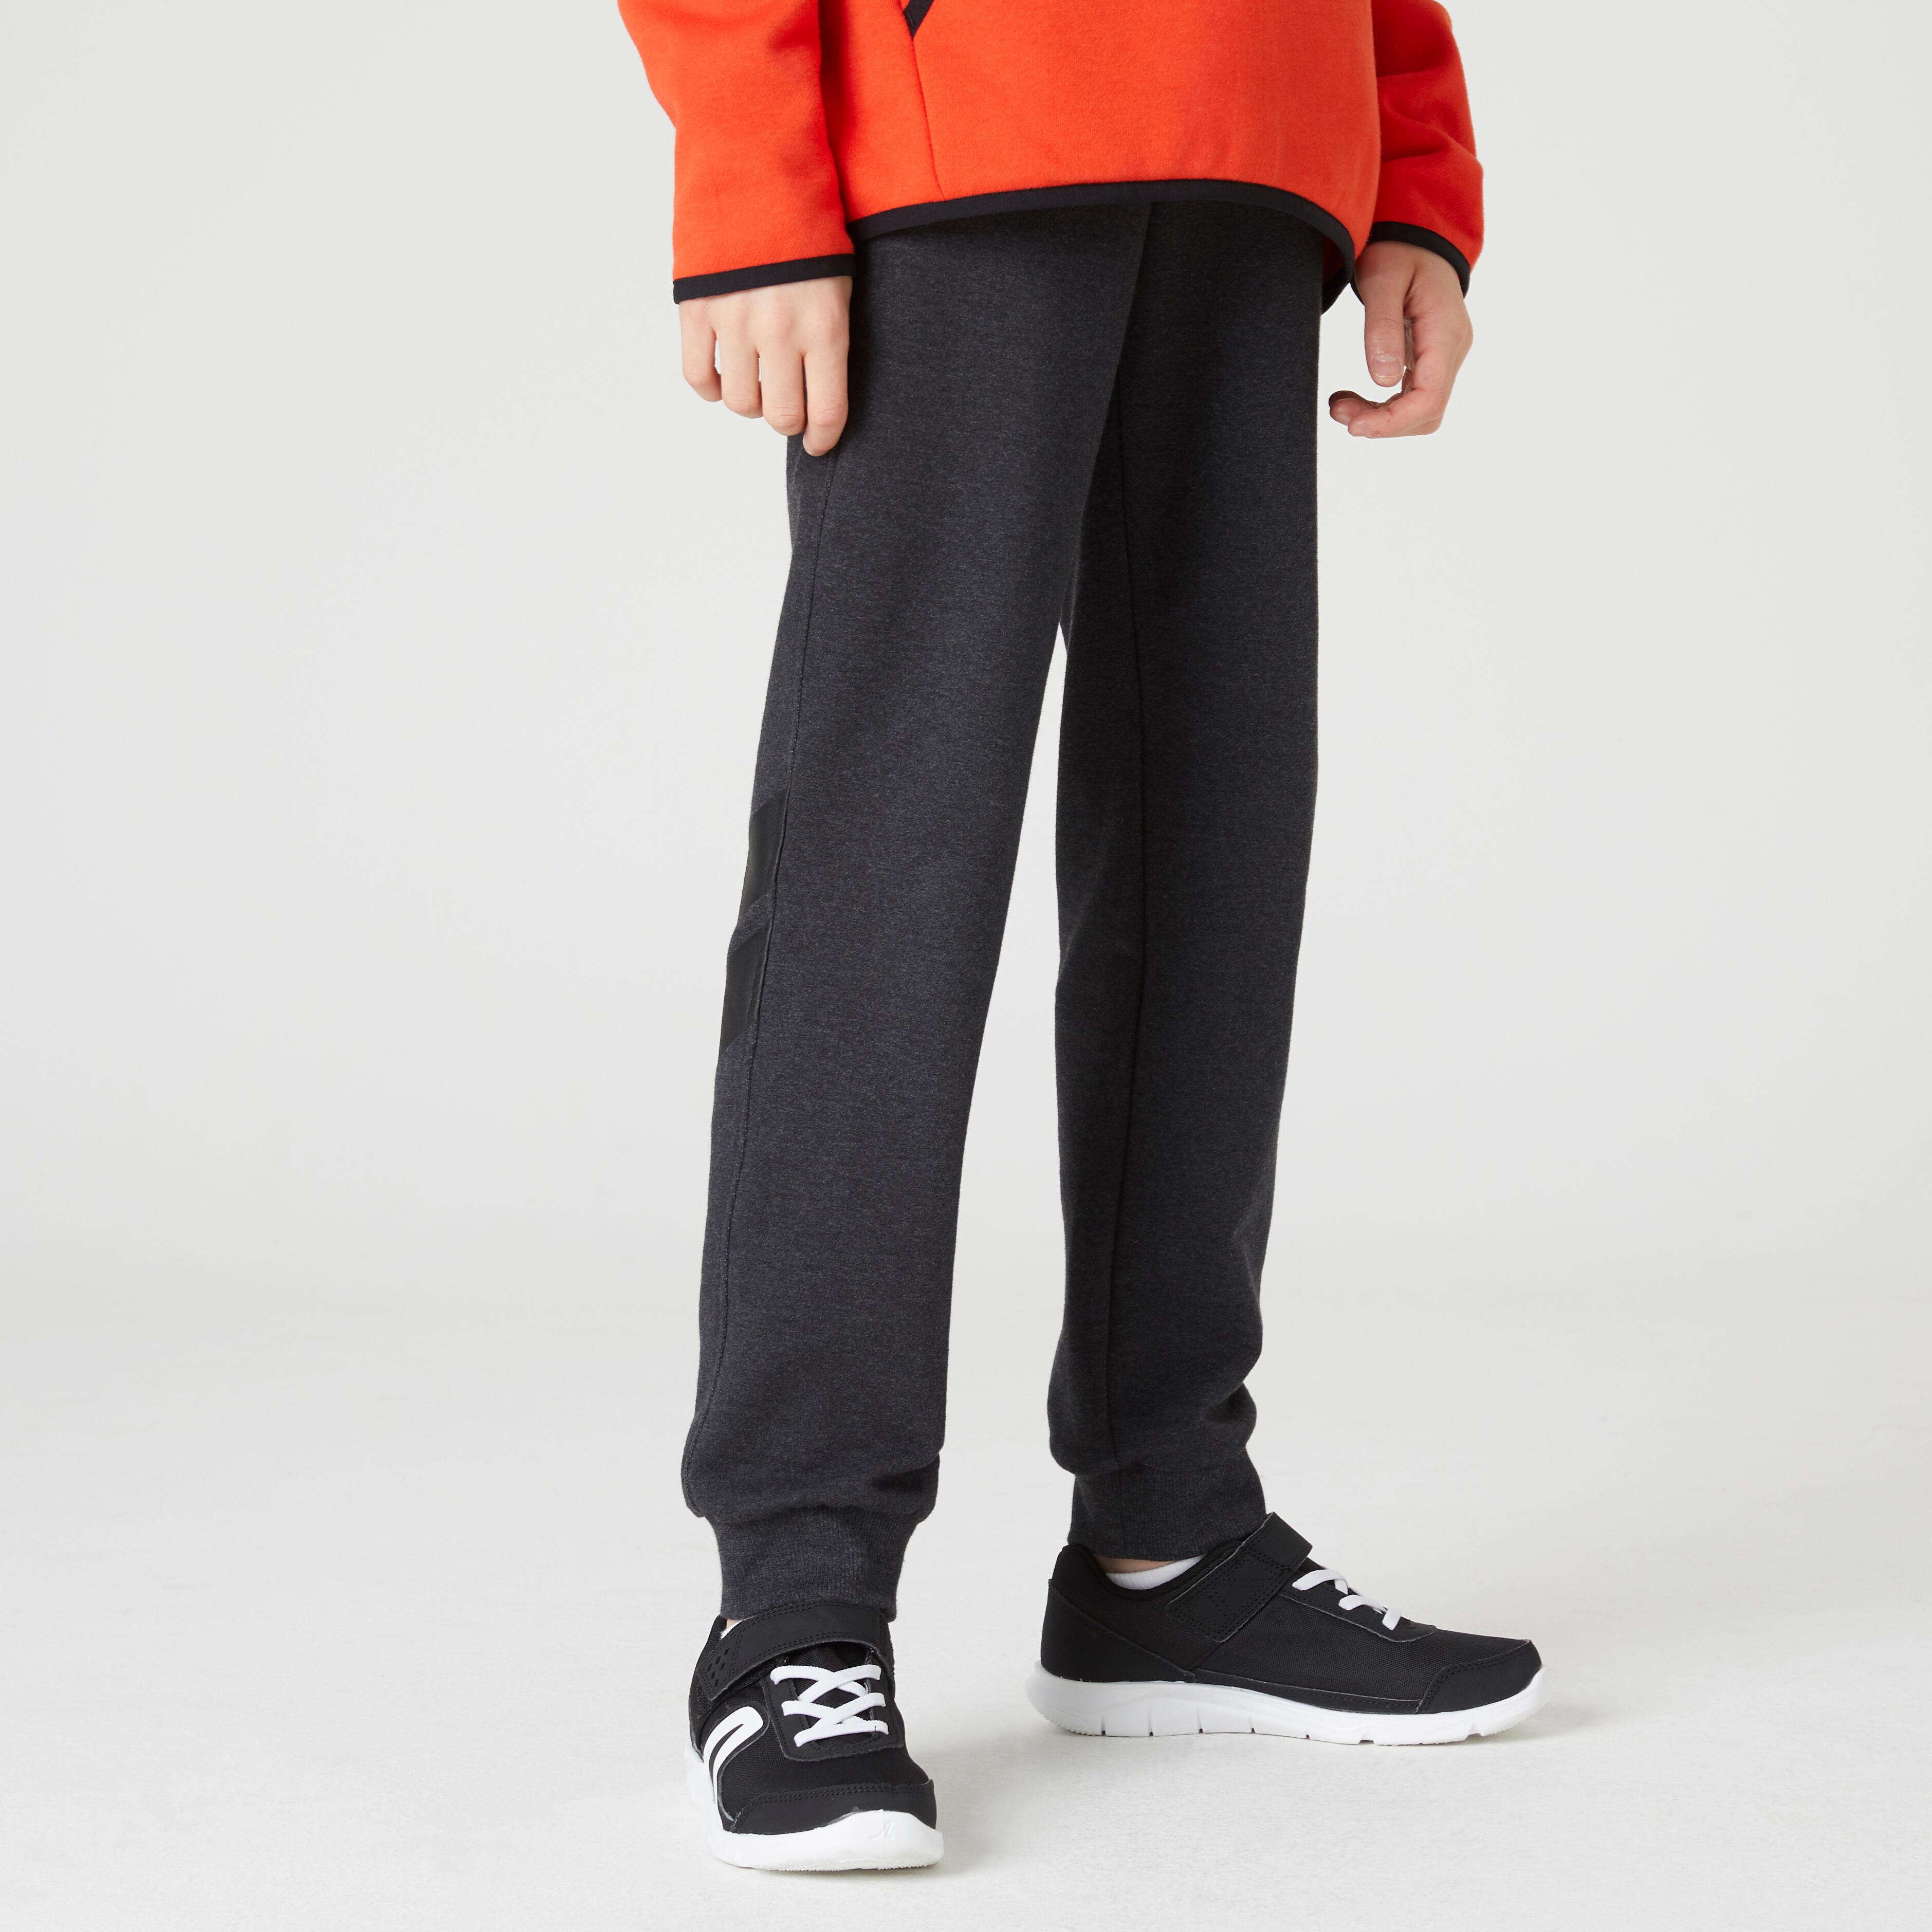 Pantalon 100 gri băieți imagine